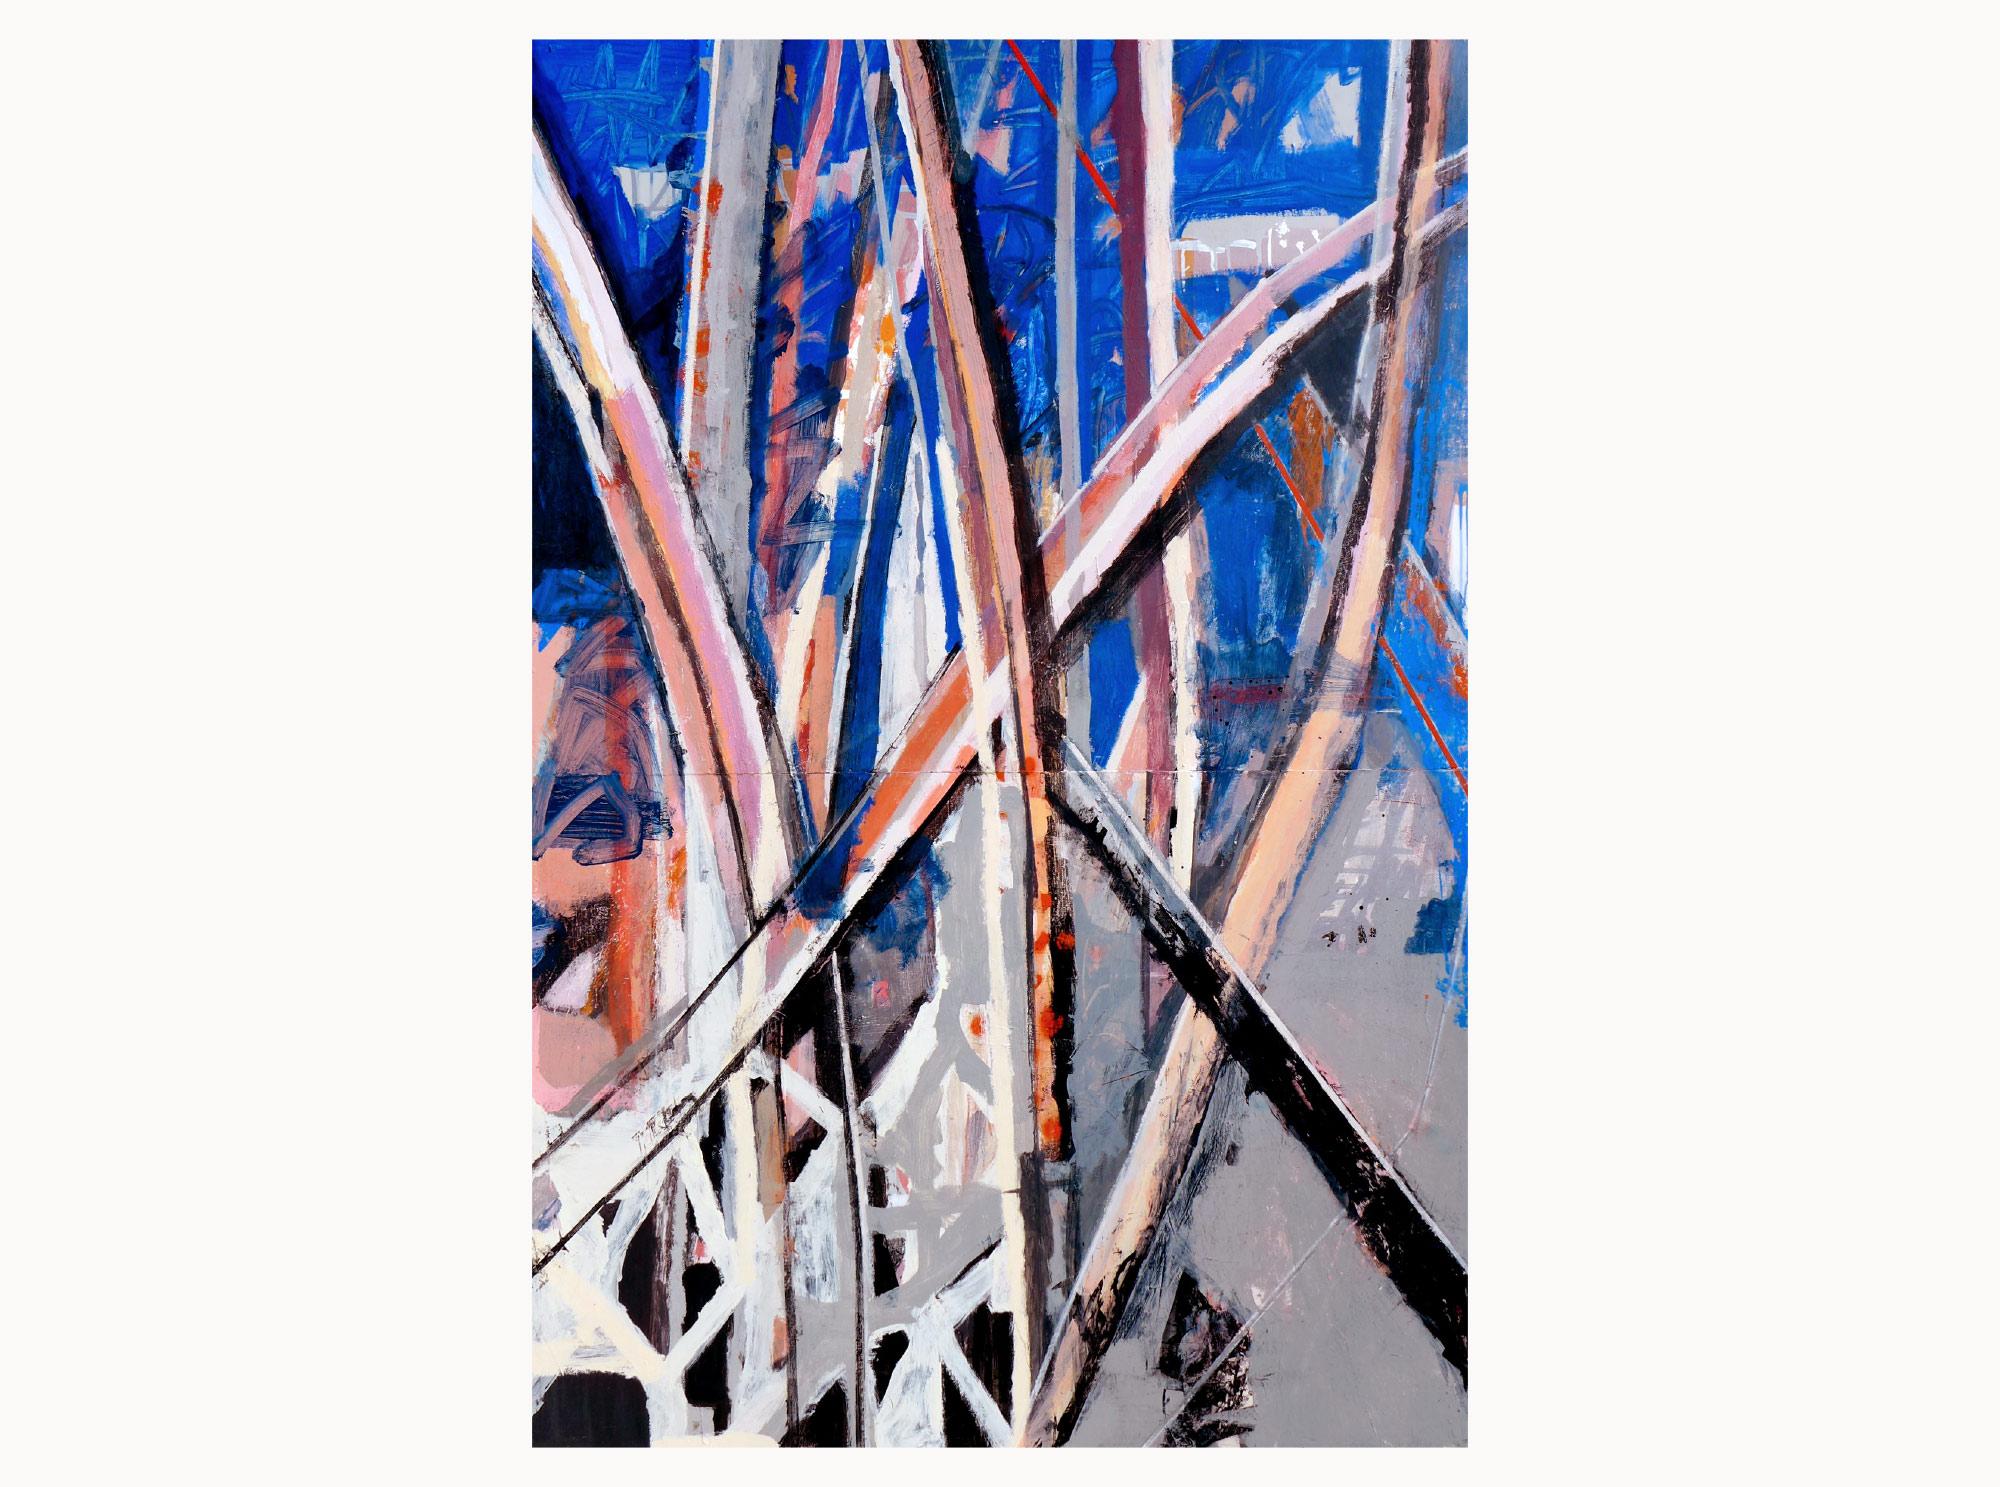 Waving a flag,  2019, acrylic, aerosol, plywood, 120 x 180 cm